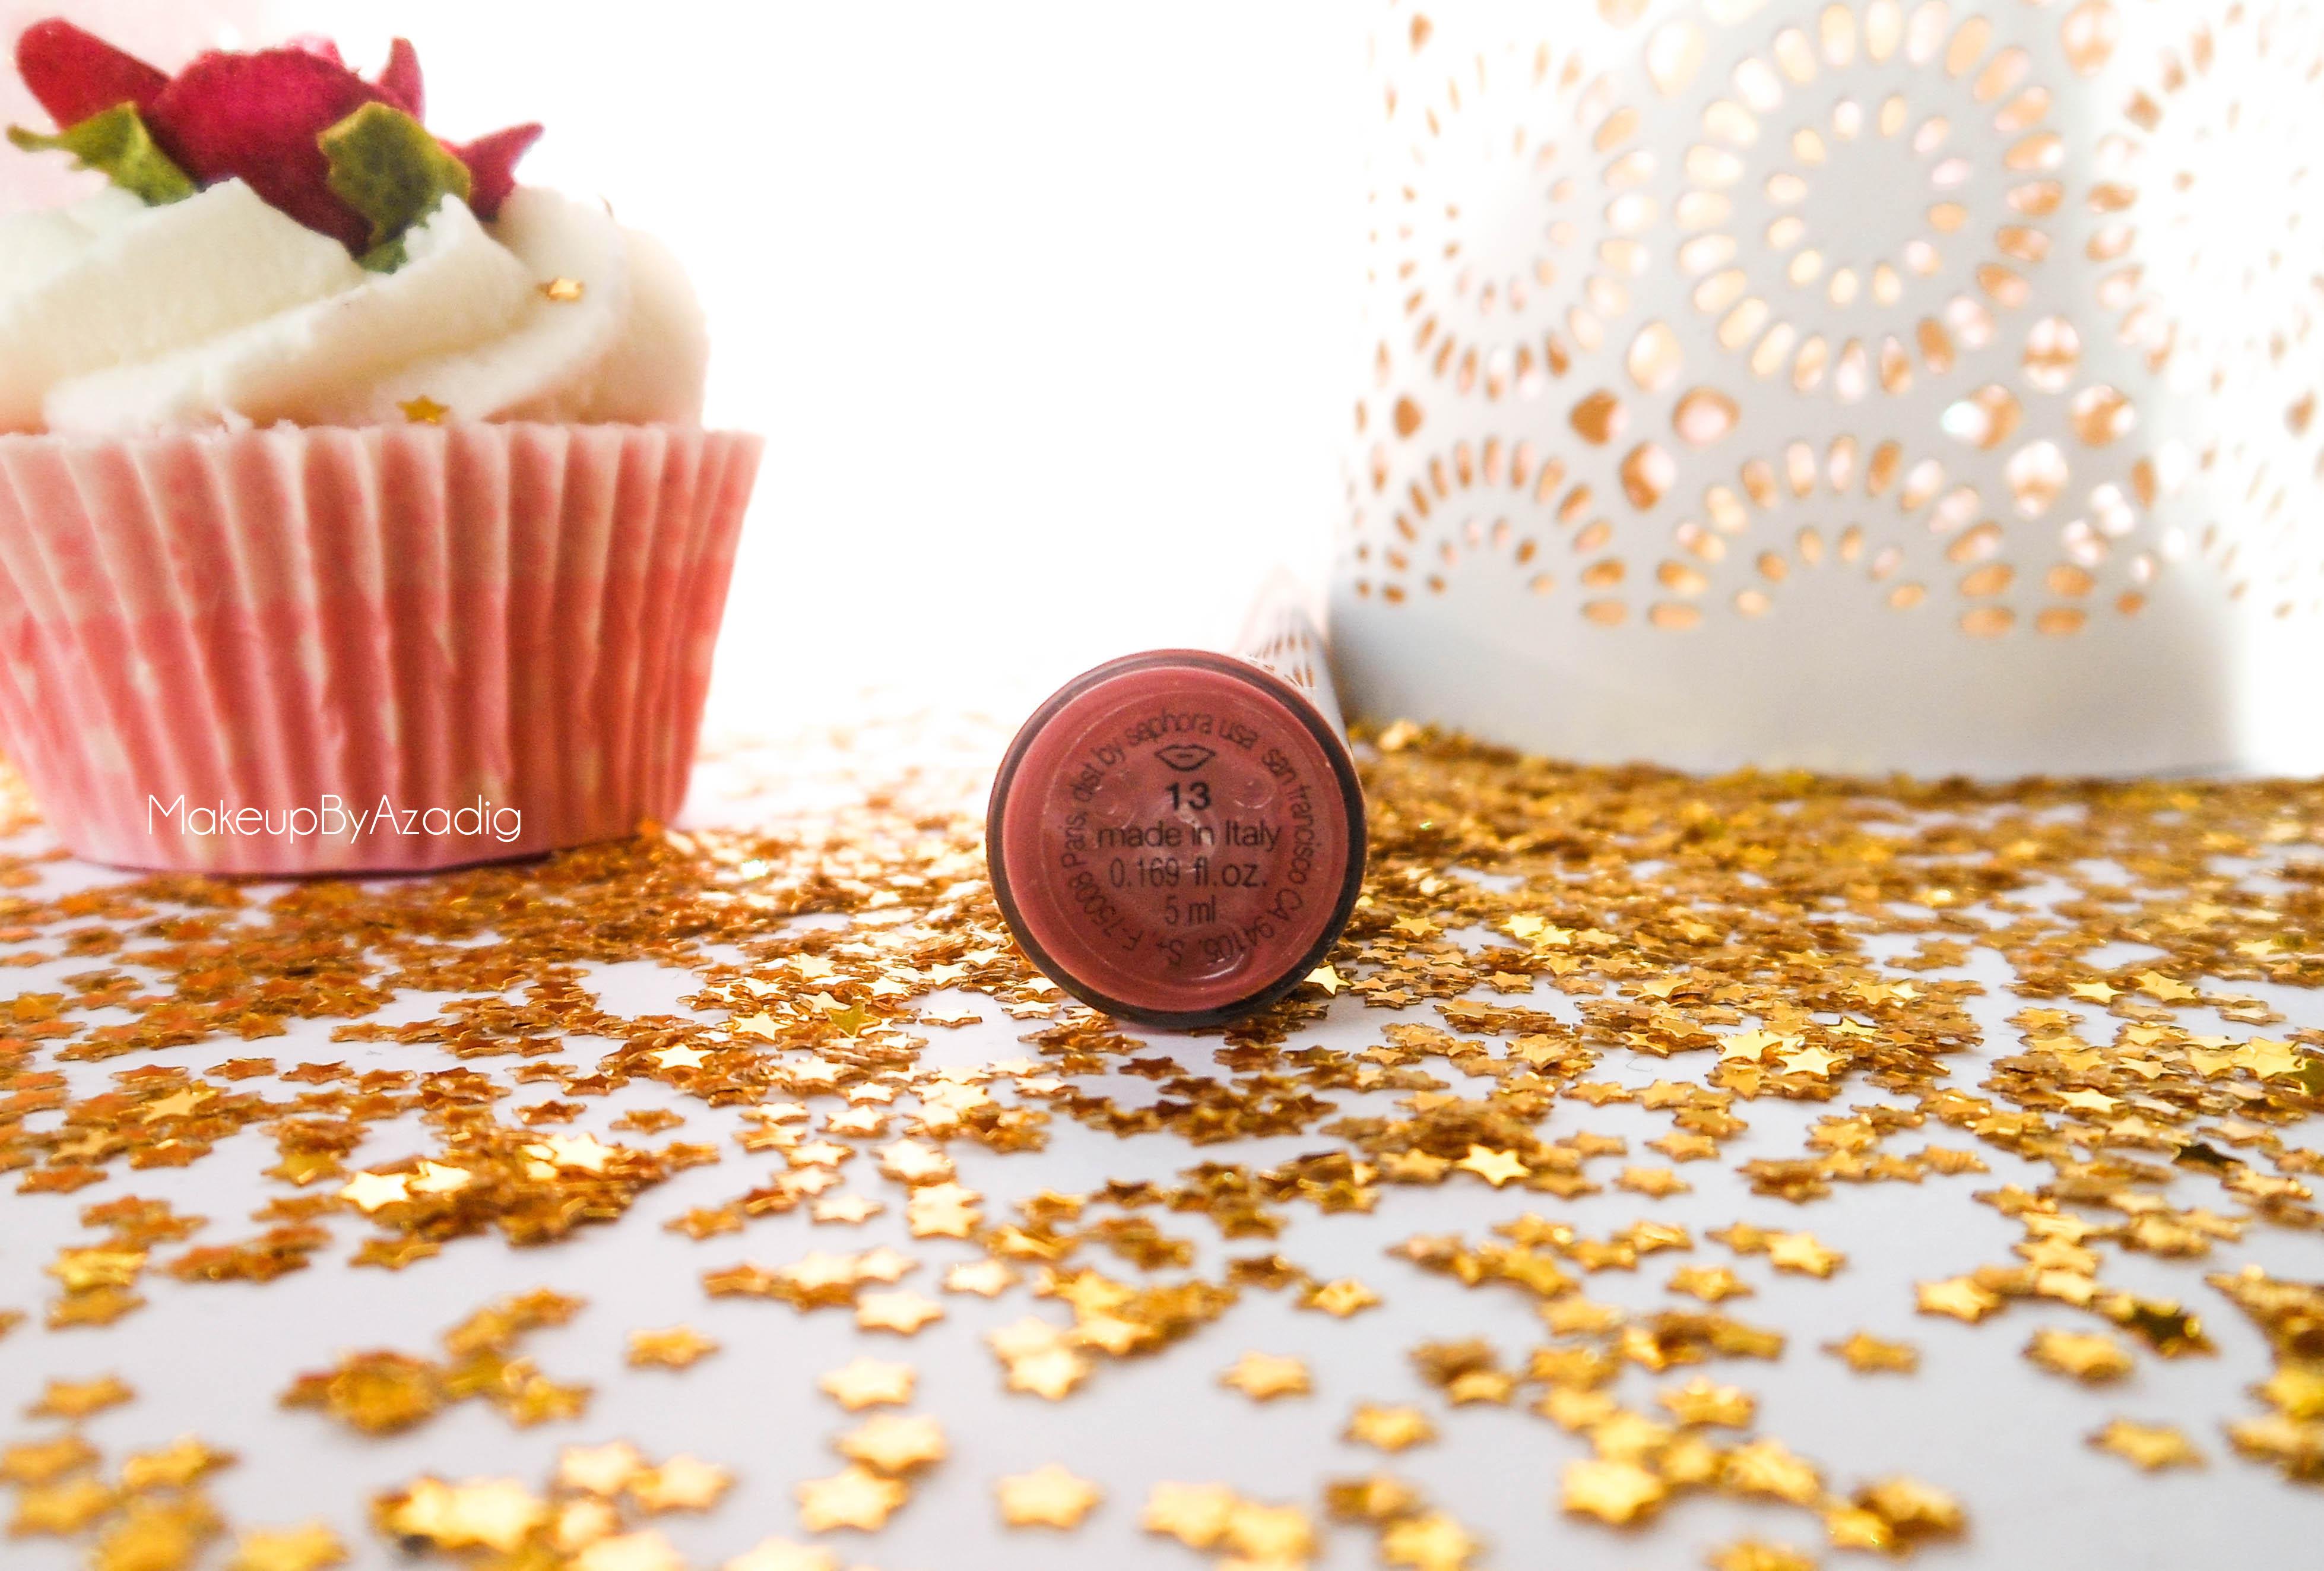 rouge velouté sans transfert - sephora - rouge à lèvres mat - longue tenue - makeupbyazadig - couleur